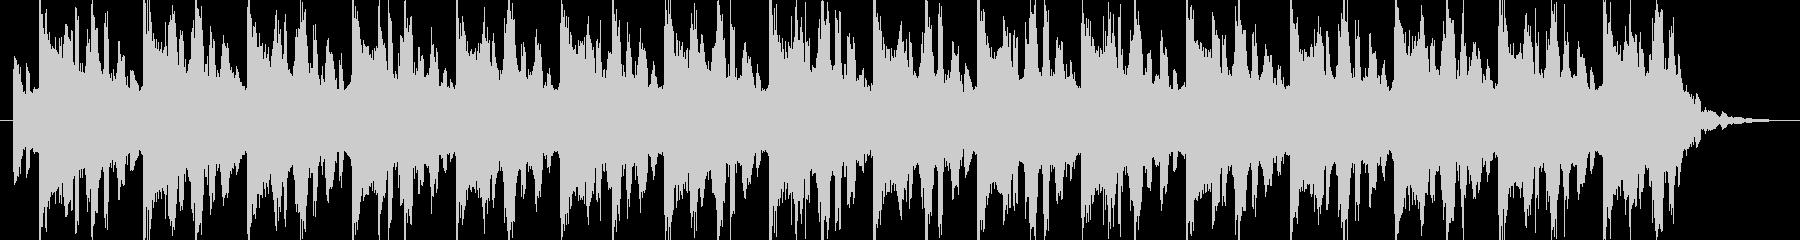 メカニックな場面のBGMの未再生の波形